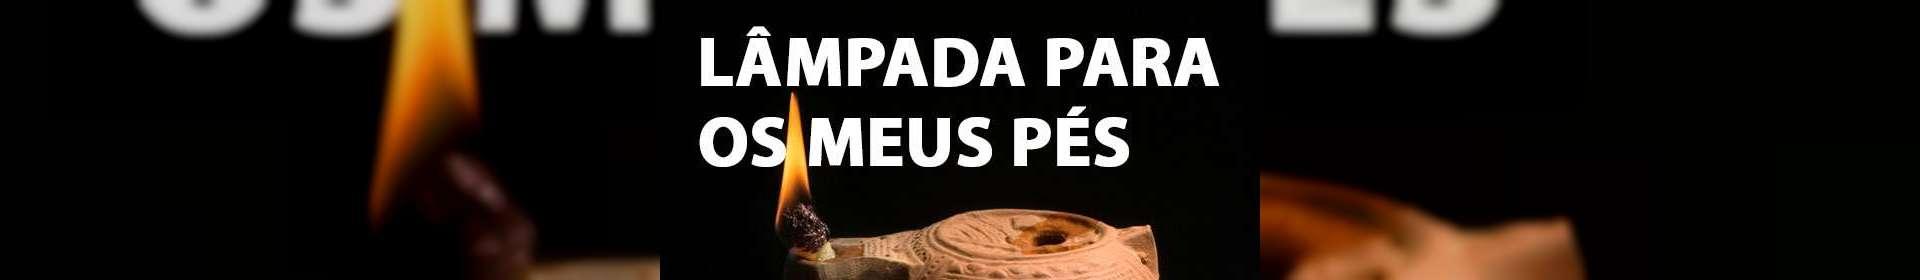 Lâmpada Para os Meus Pés - 27/01/2020